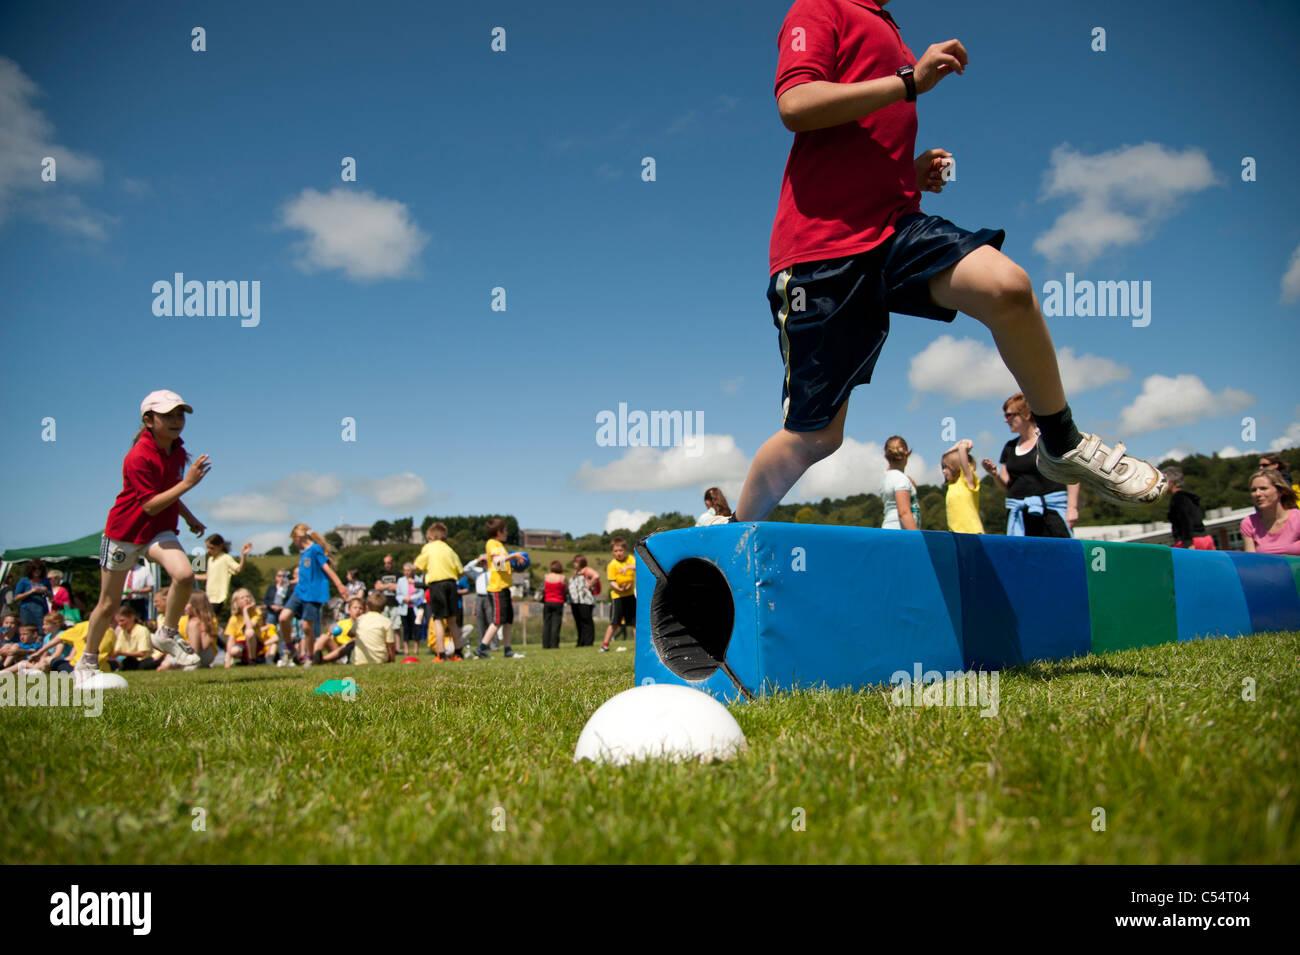 Los niños en la escuela anual día deportivo en una pequeña escuela primaria, UK Imagen De Stock